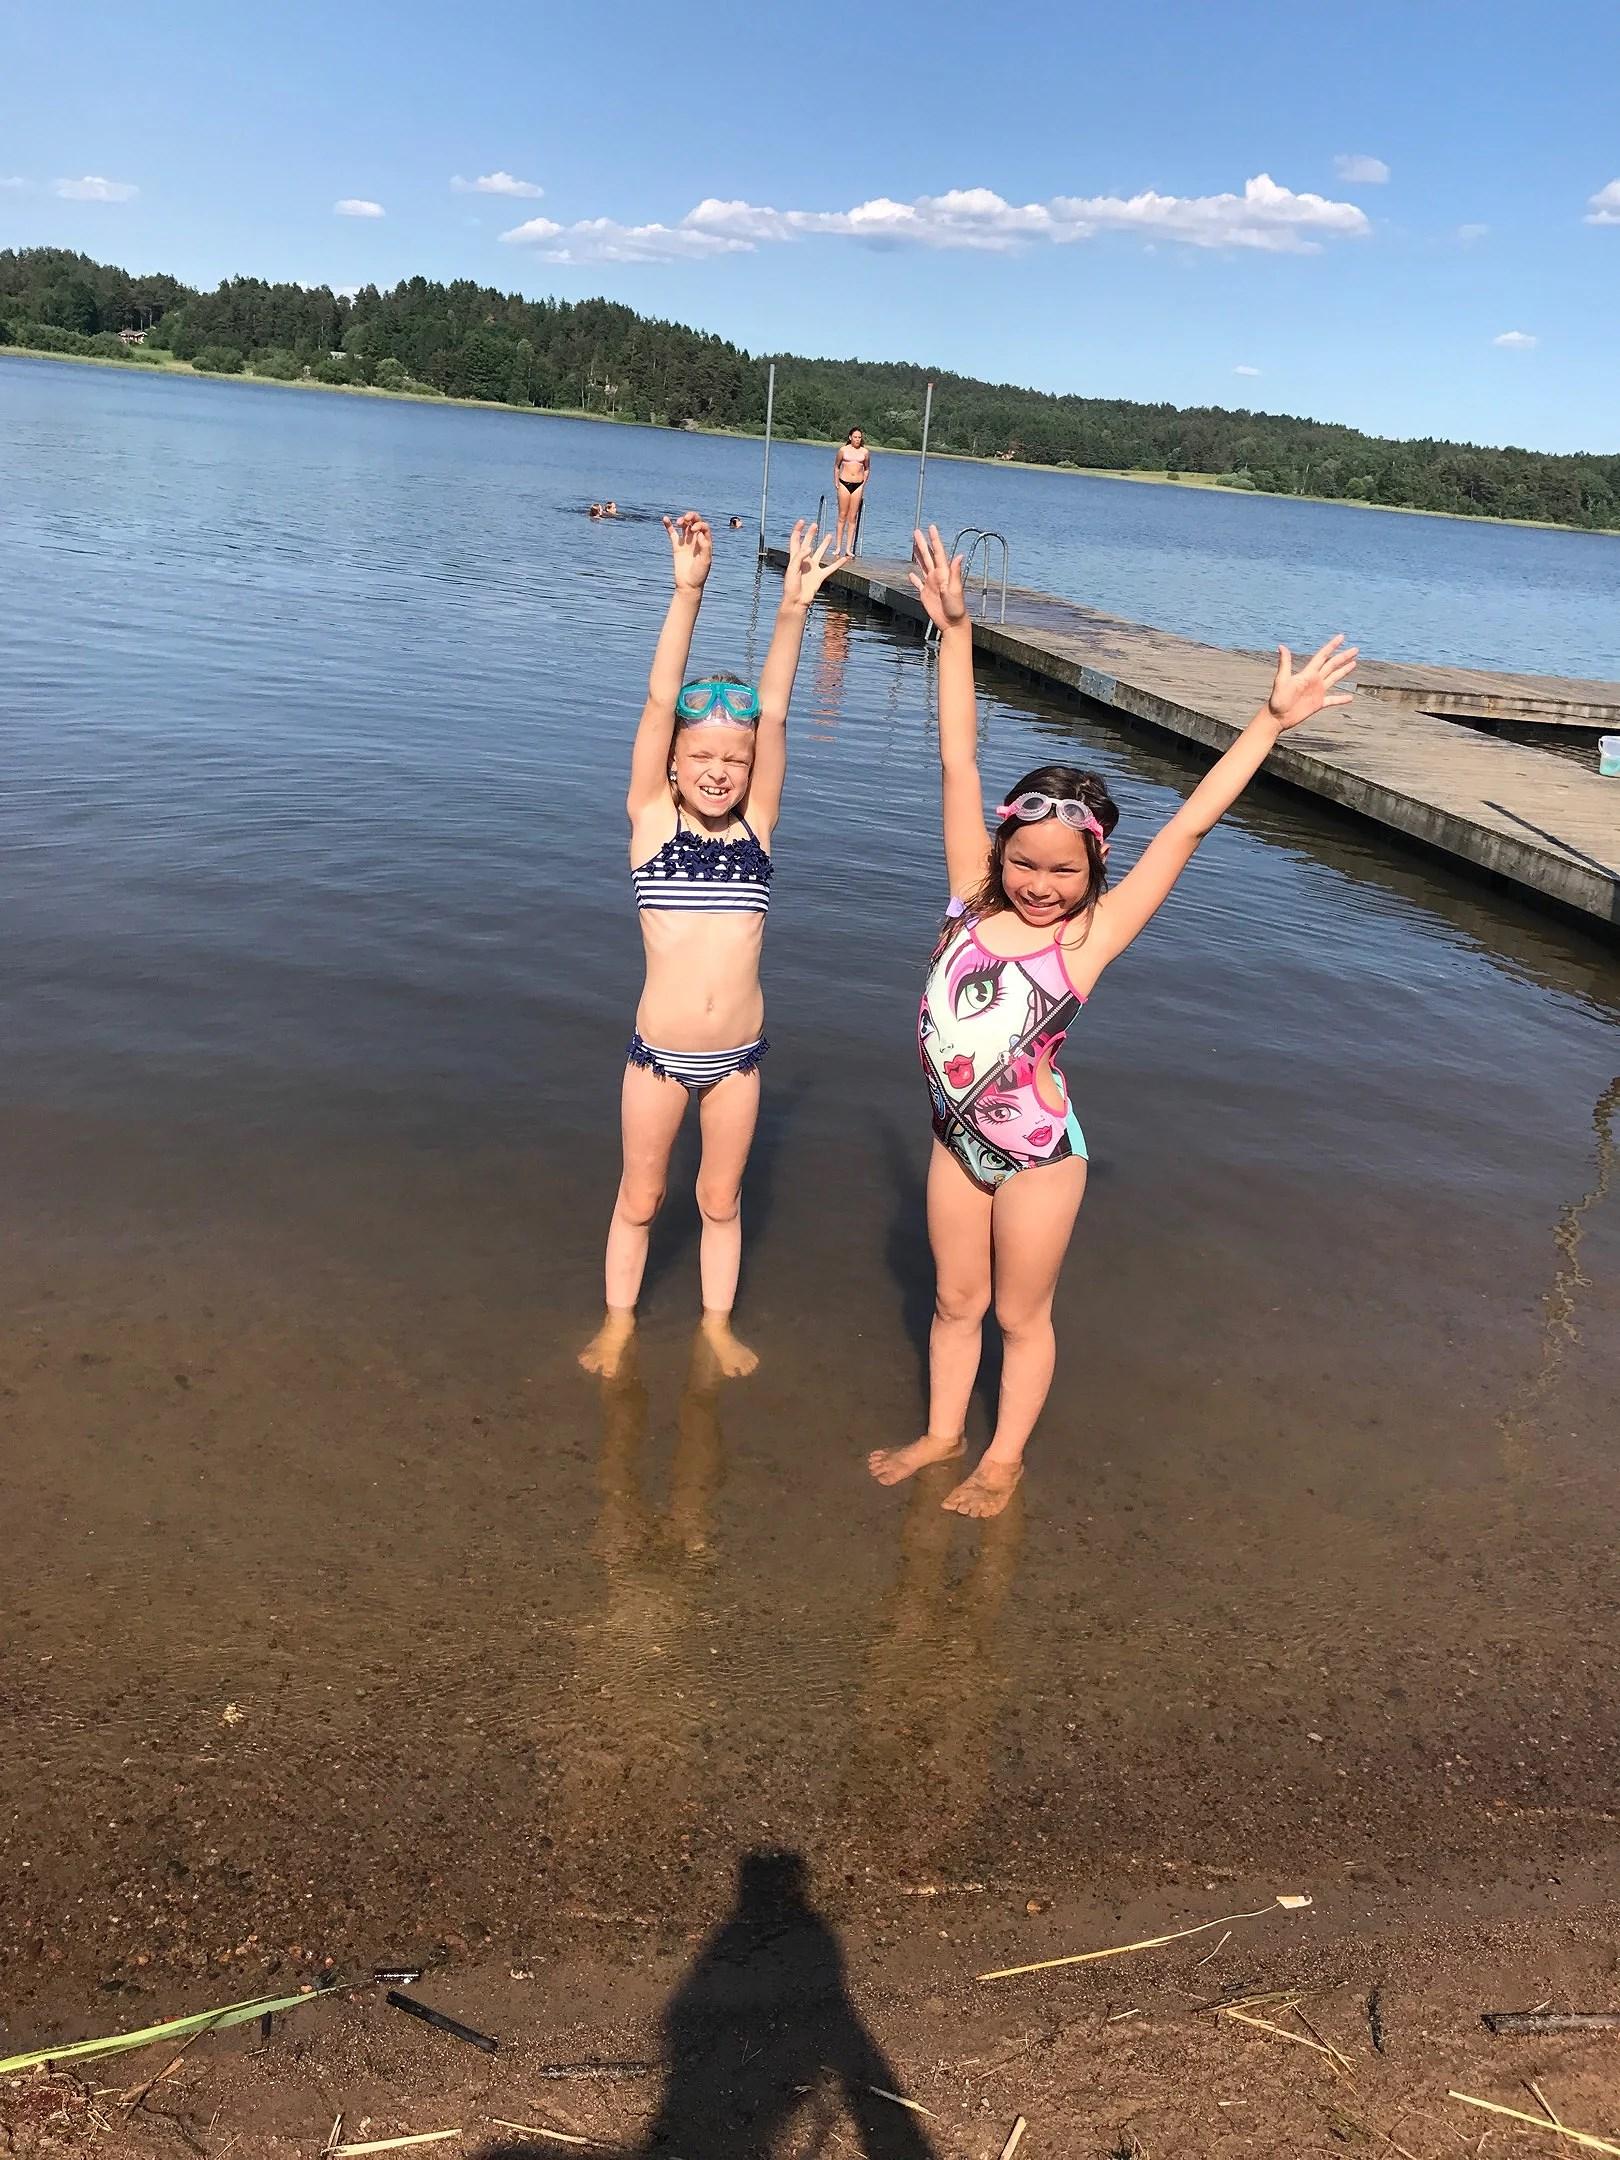 Vimmersjön